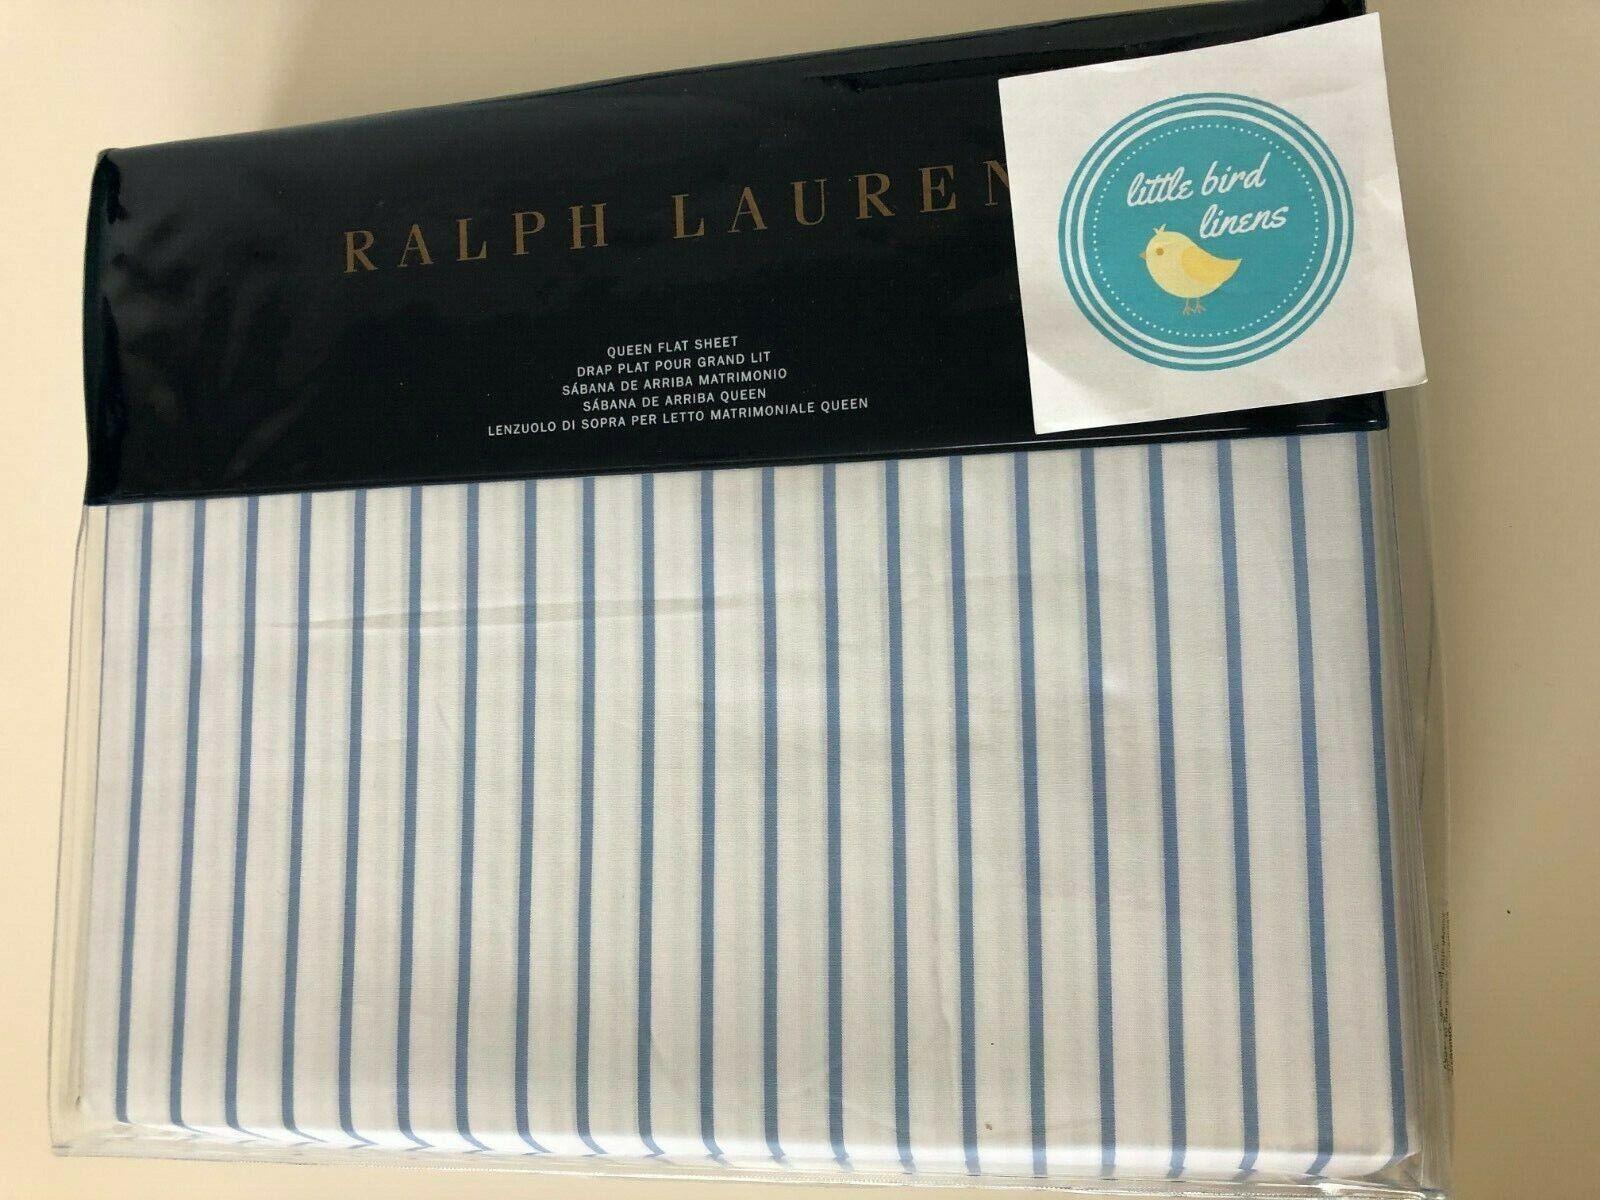 Ralph Lauren Königin Flat Sheet Meadow Lane Brennon Blau & Weiß Stripe Fac Folded